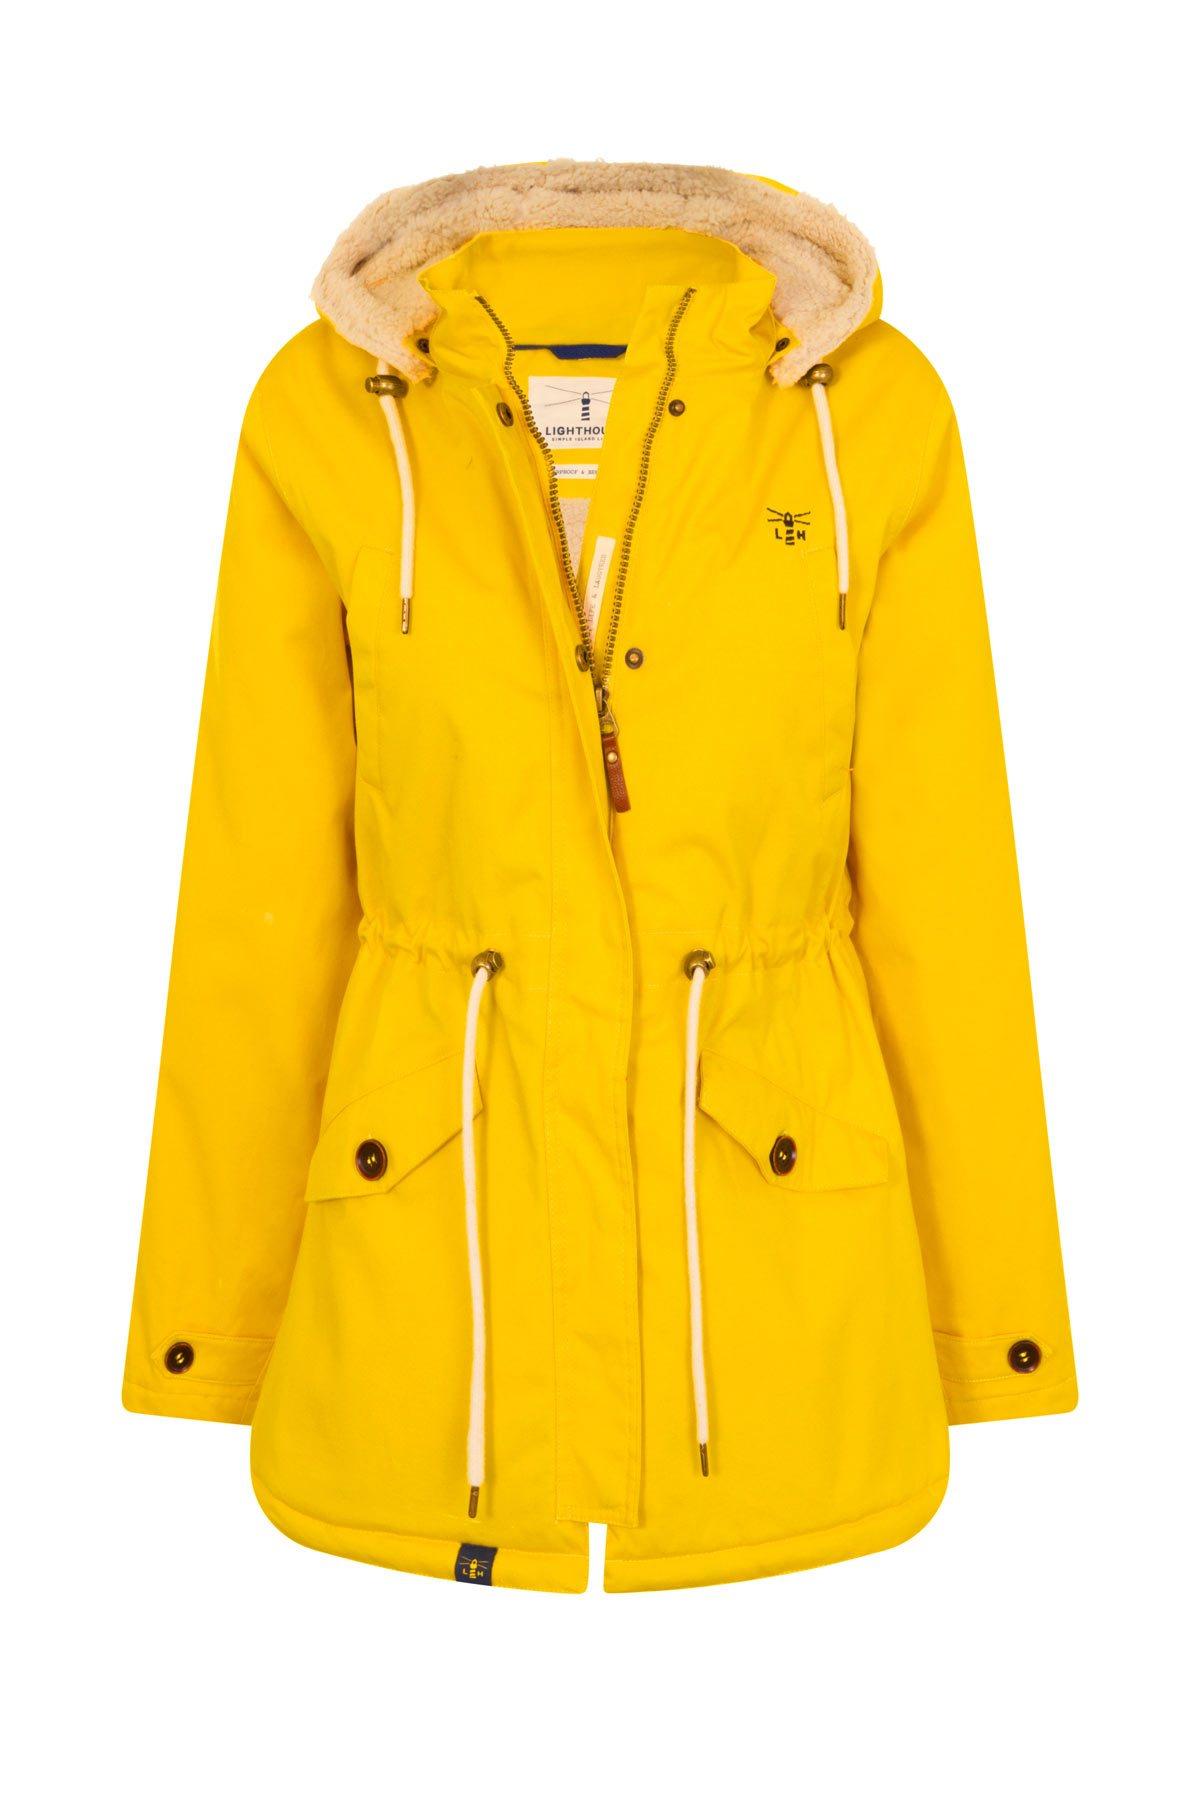 waterproof coats raven womens waterproof jacket QOTERMD